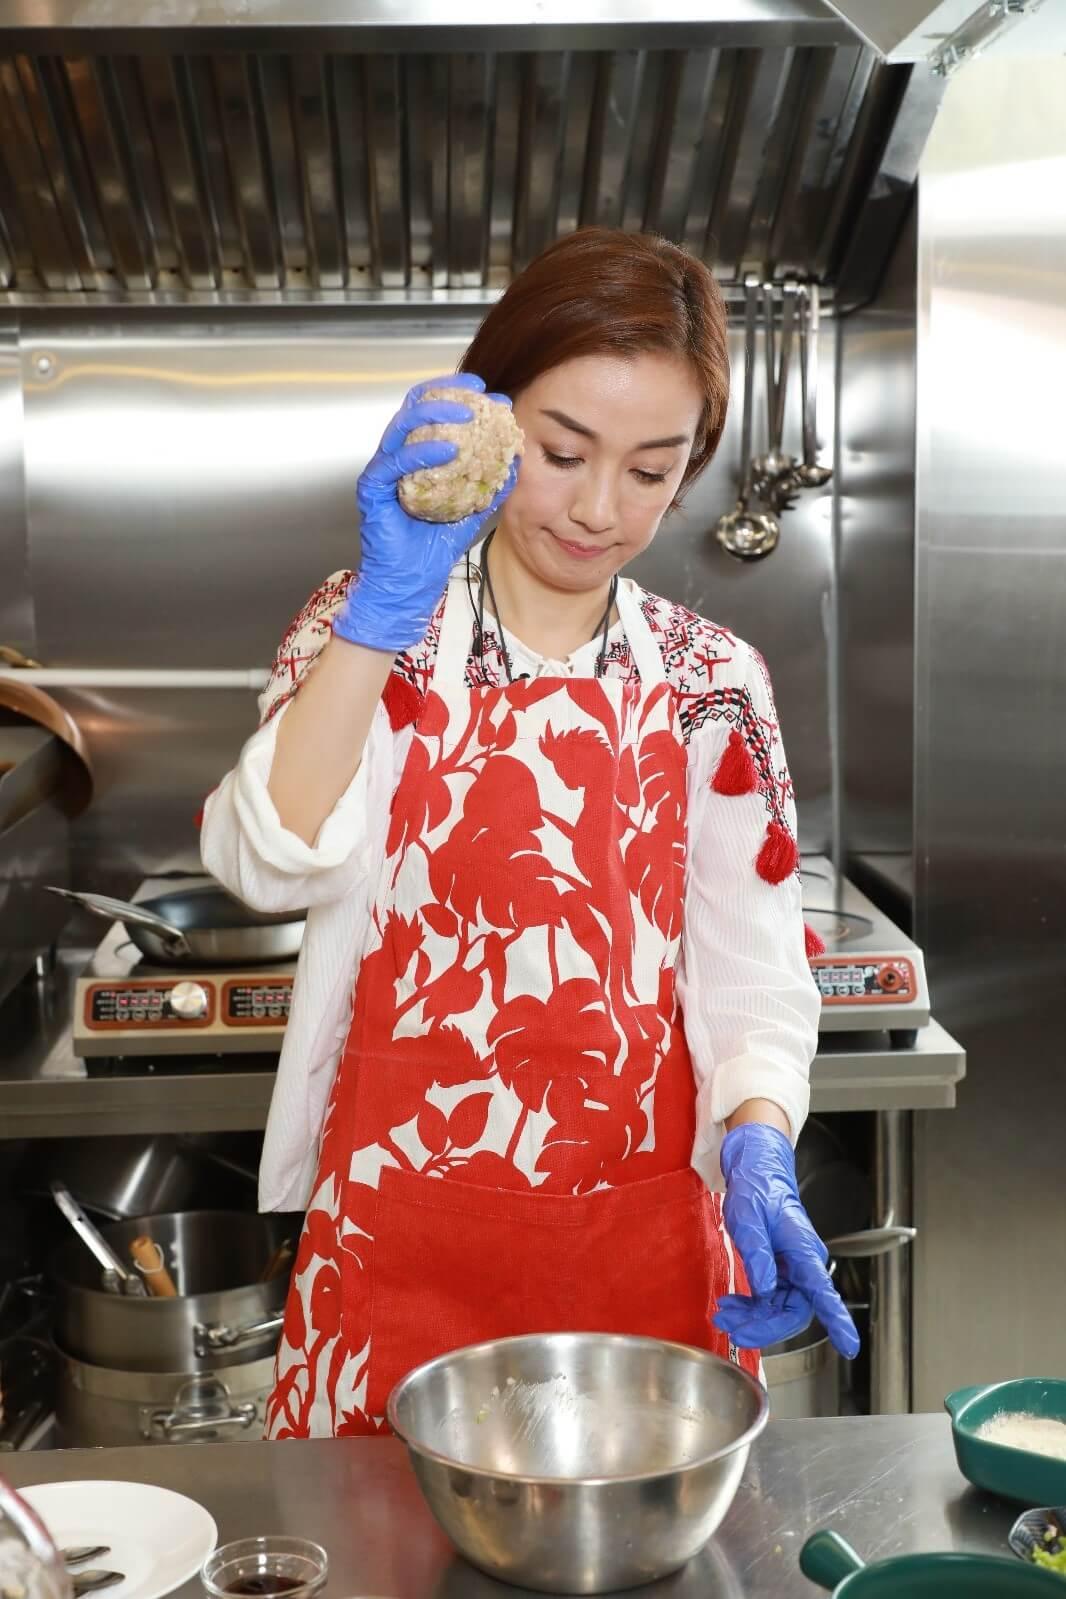 加入適量生粉或麵粉,將免治豬肉打至起膠。